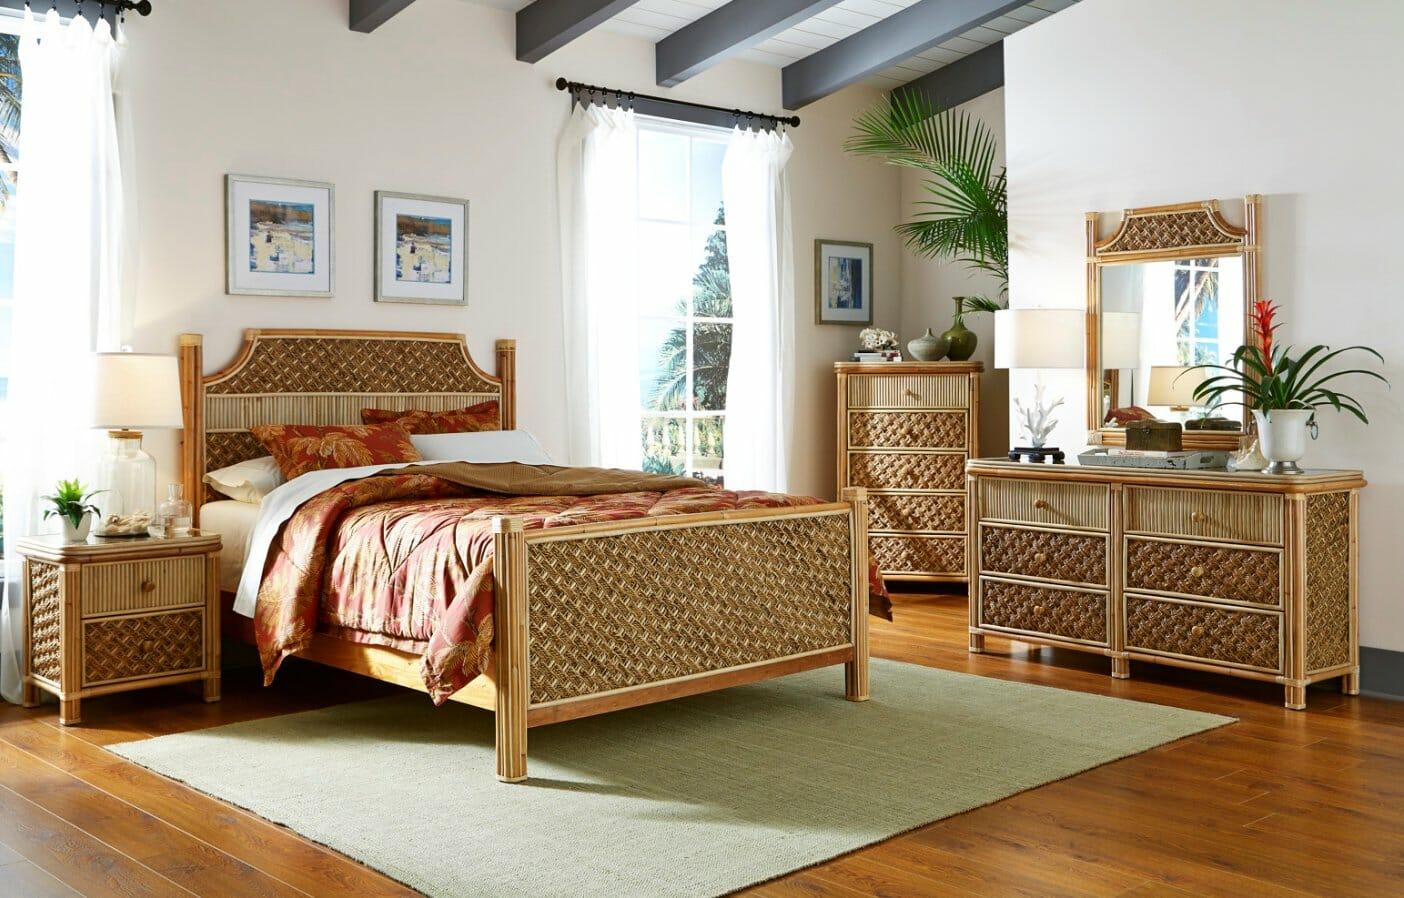 Island Tropical Wicker Bedroom Set